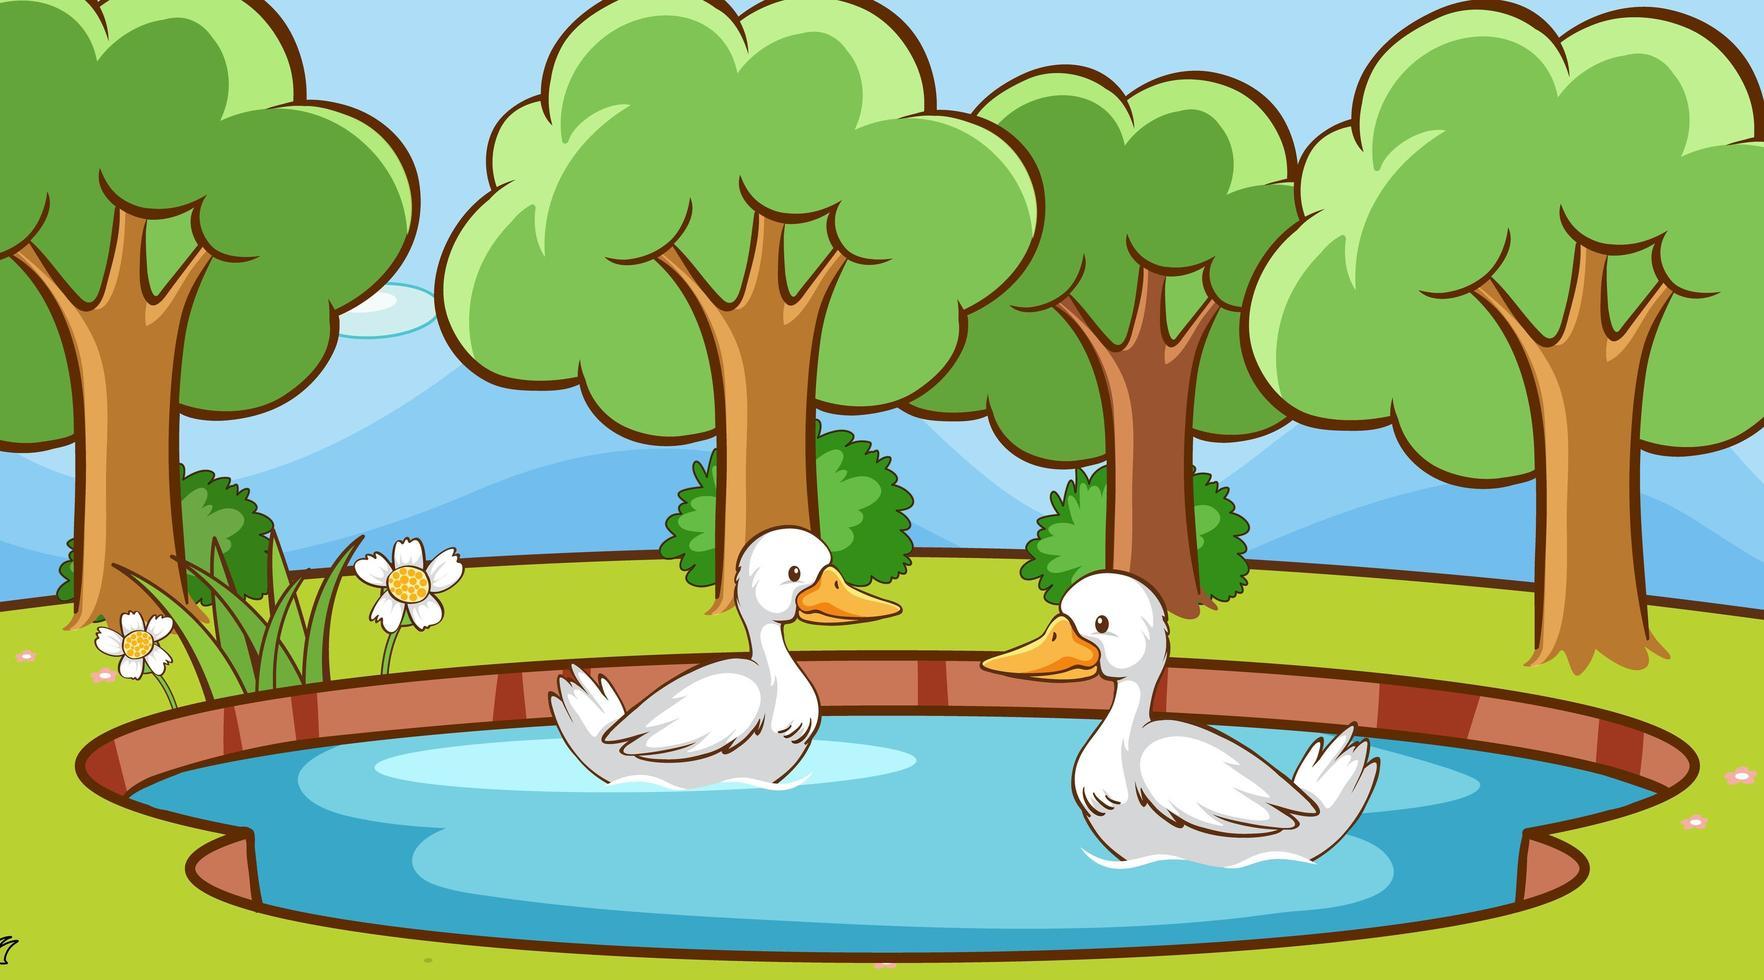 escena con patos en el estanque vector